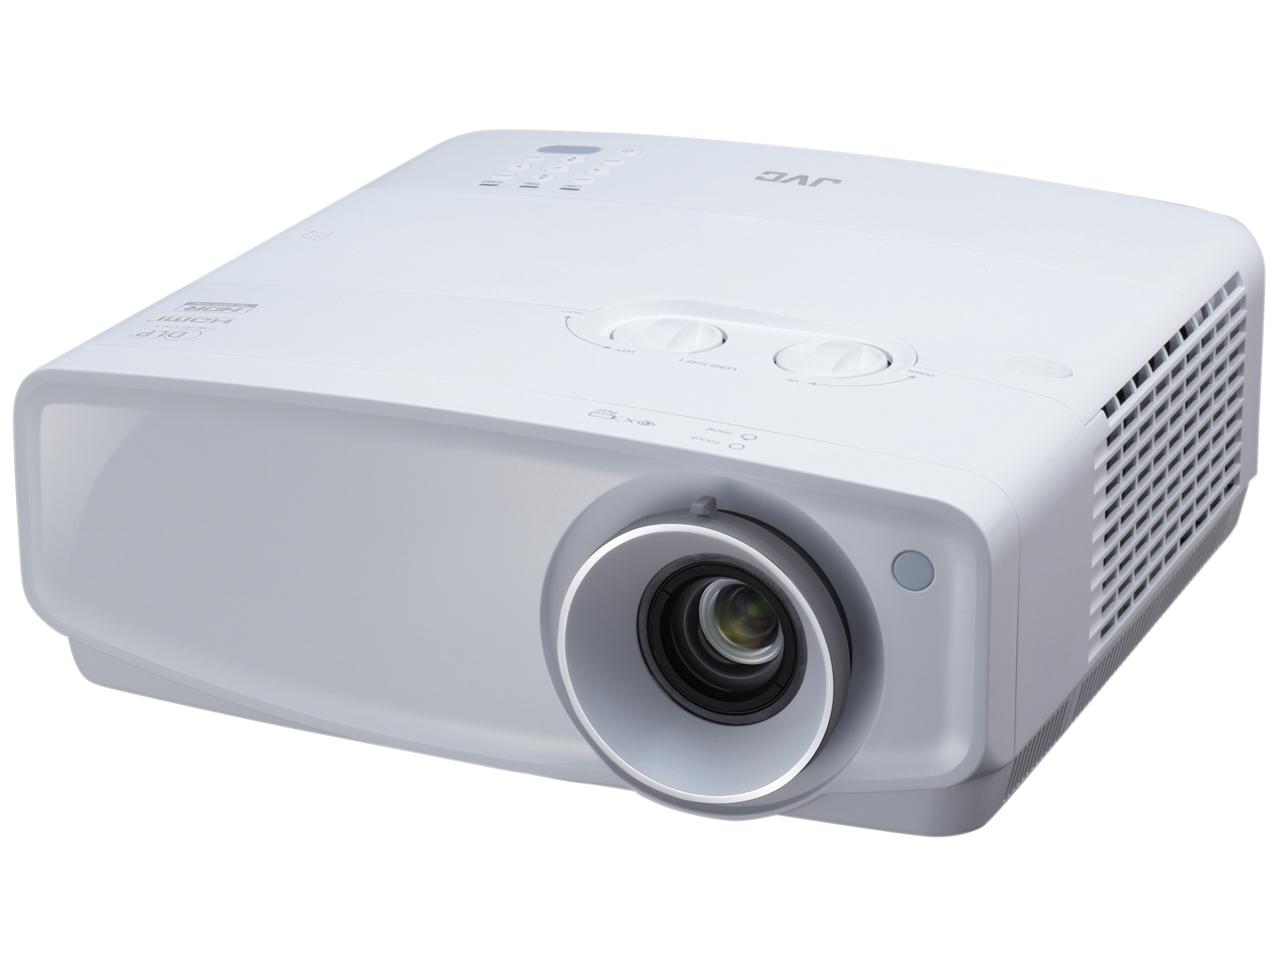 LX-UH1 [ホワイト] の製品画像